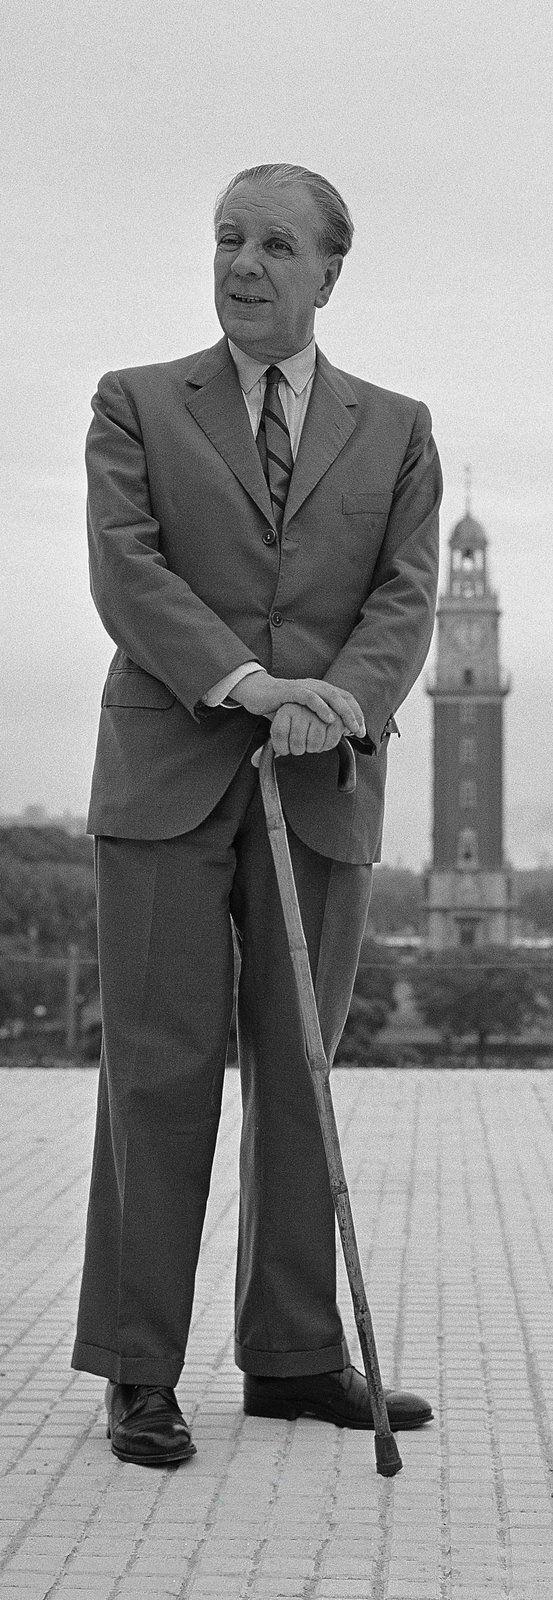 Borges todo el año: Jorge Luis Borges: Mil novecientos veintitantos - Foto Jorge Aguirre Borges en la Plaza San Martín Buenos Aires, década del '60